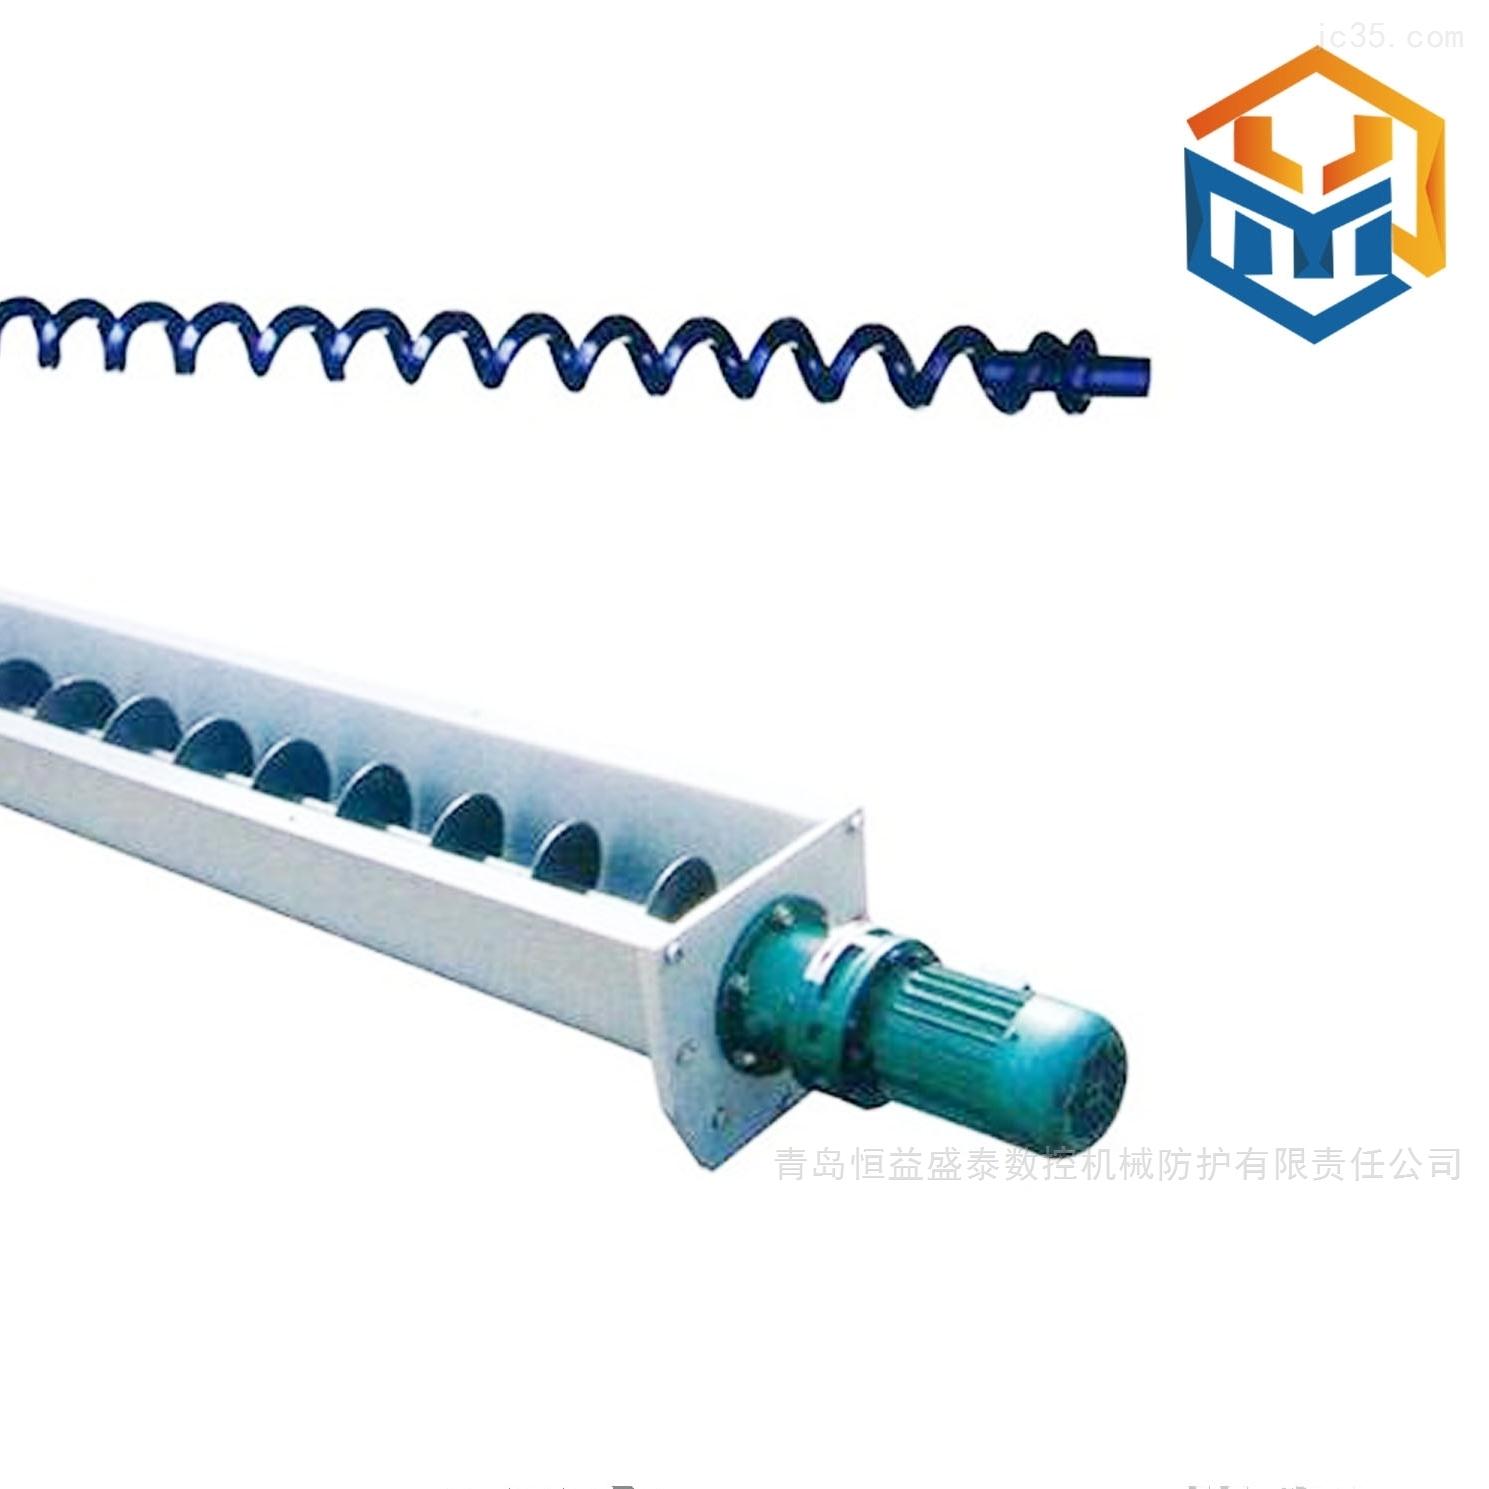 方钢螺旋杆排屑机绞龙螺旋叶片排屑器